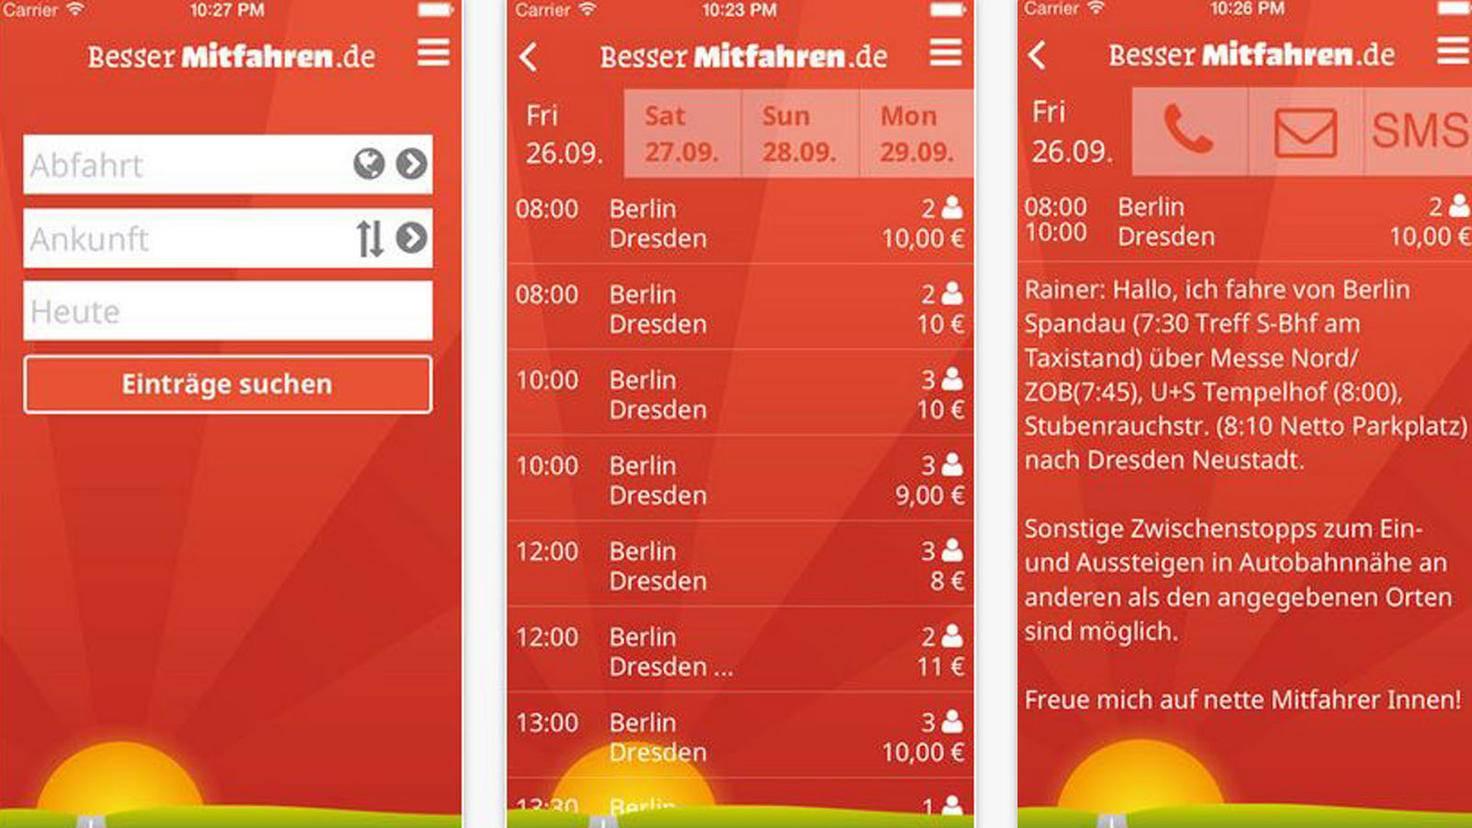 Bessermitfahren-iTunes-Columbus Internet GmbH